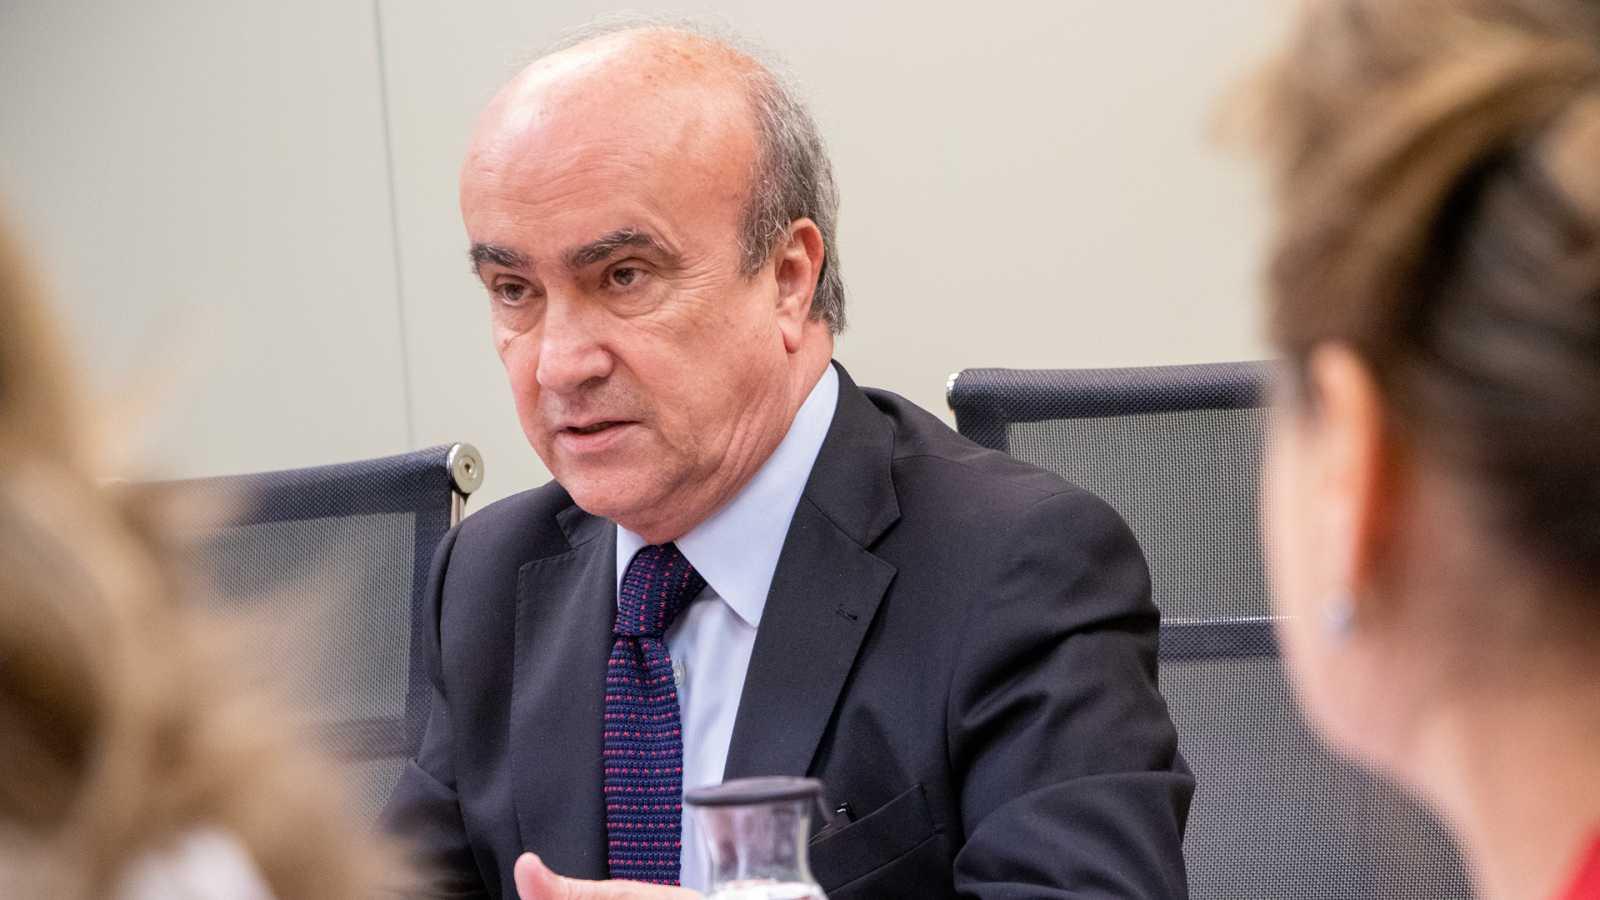 Espacio iberoamericano - La necesaria multilateralidad - 03/09/20 - Escuchar ahora